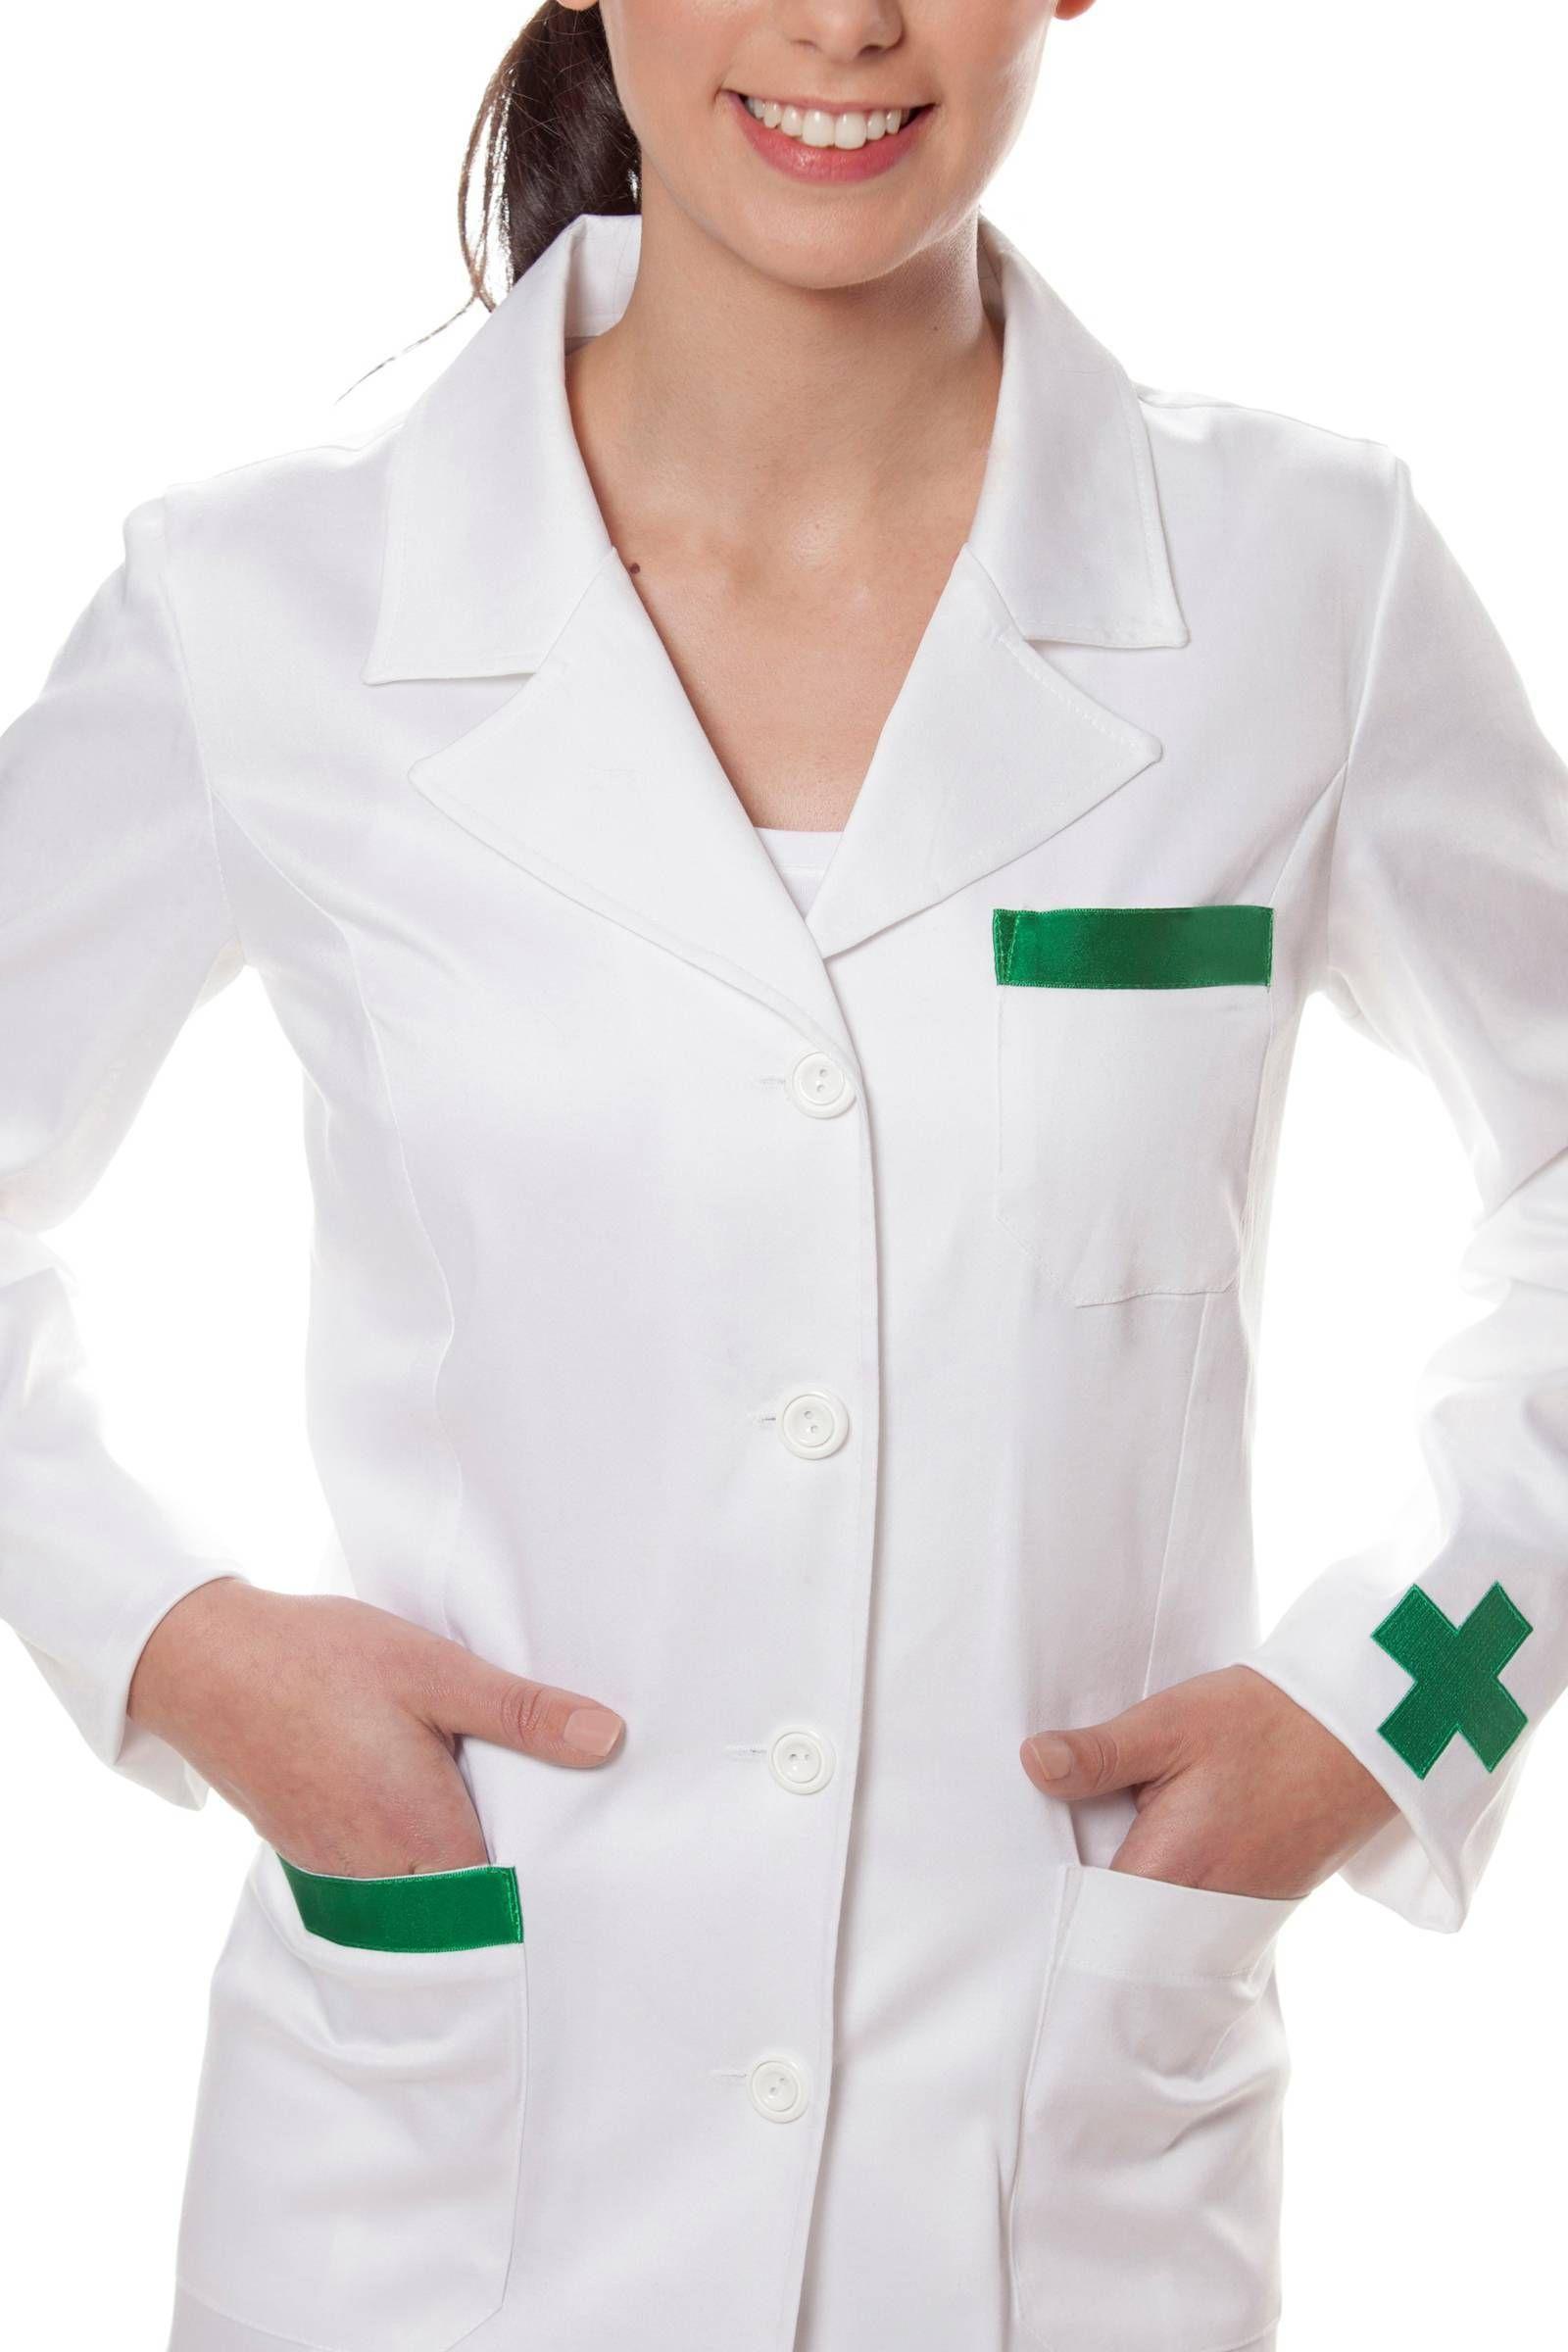 Tienda online de uniformes para centro médicos, farmacias, ópticas...